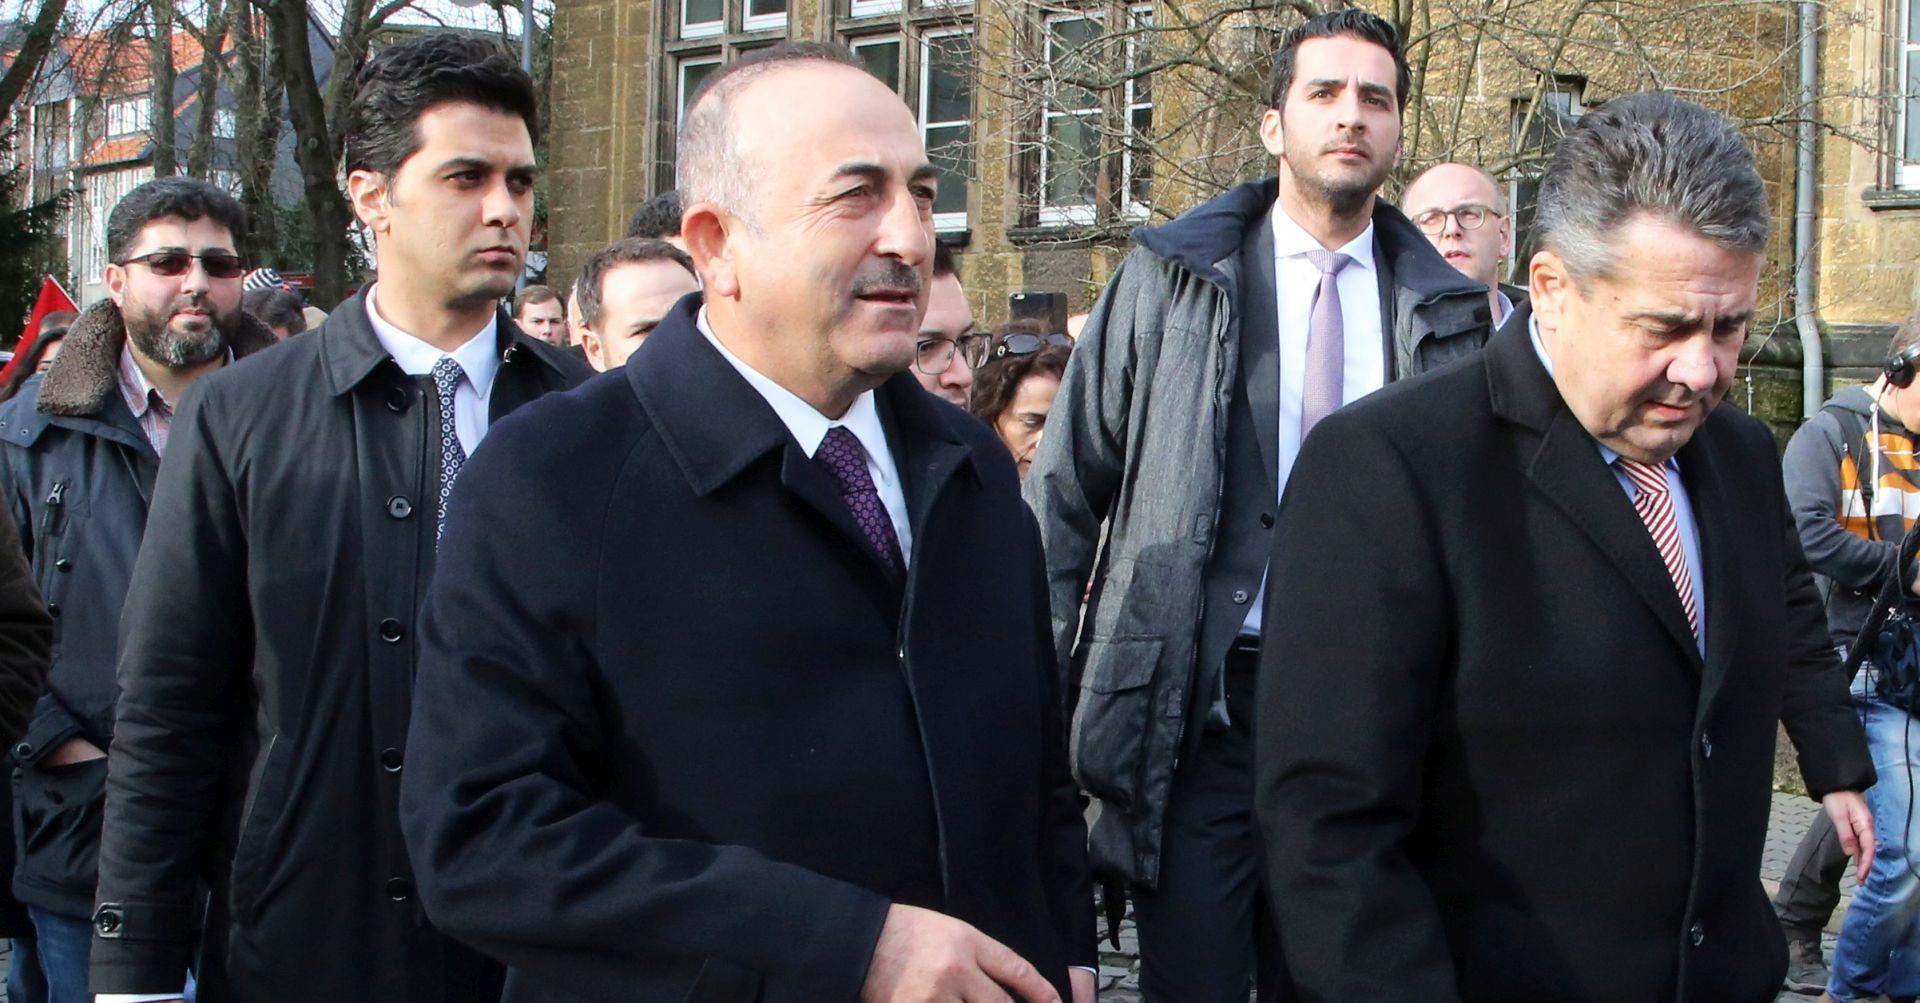 Njemačka i Turska obvezale se da će popraviti odnose